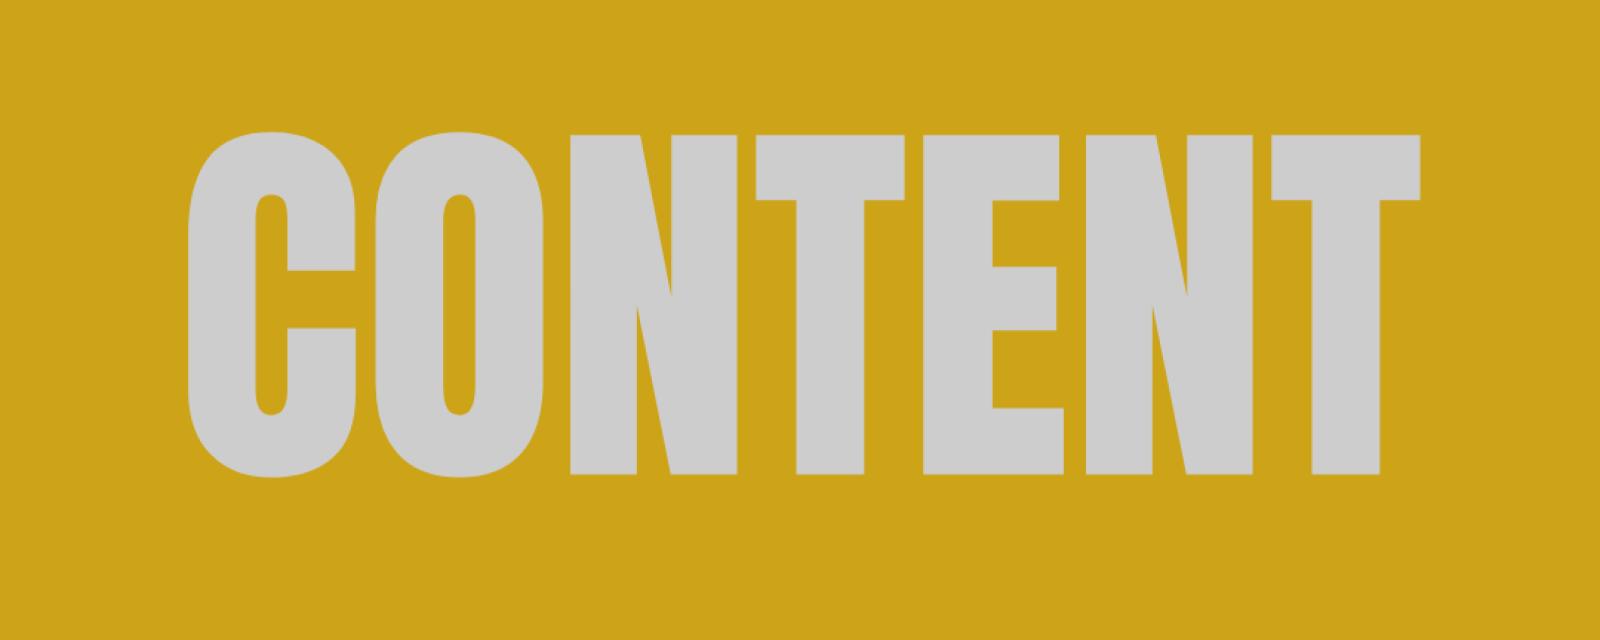 MEDIA-Content